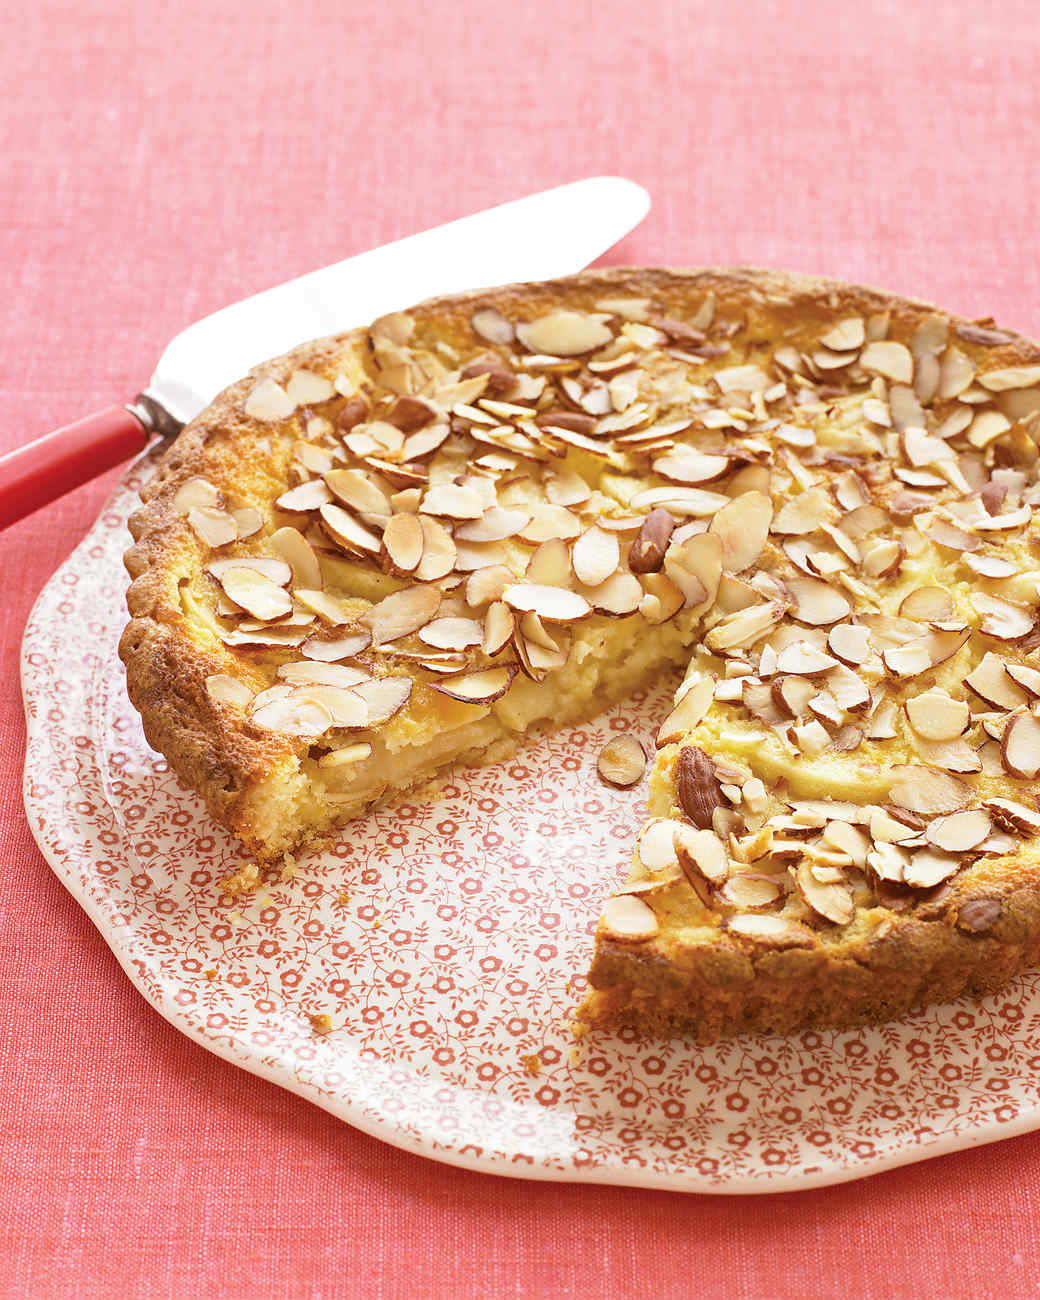 apple-almond-tart-1207-med103367.jpg